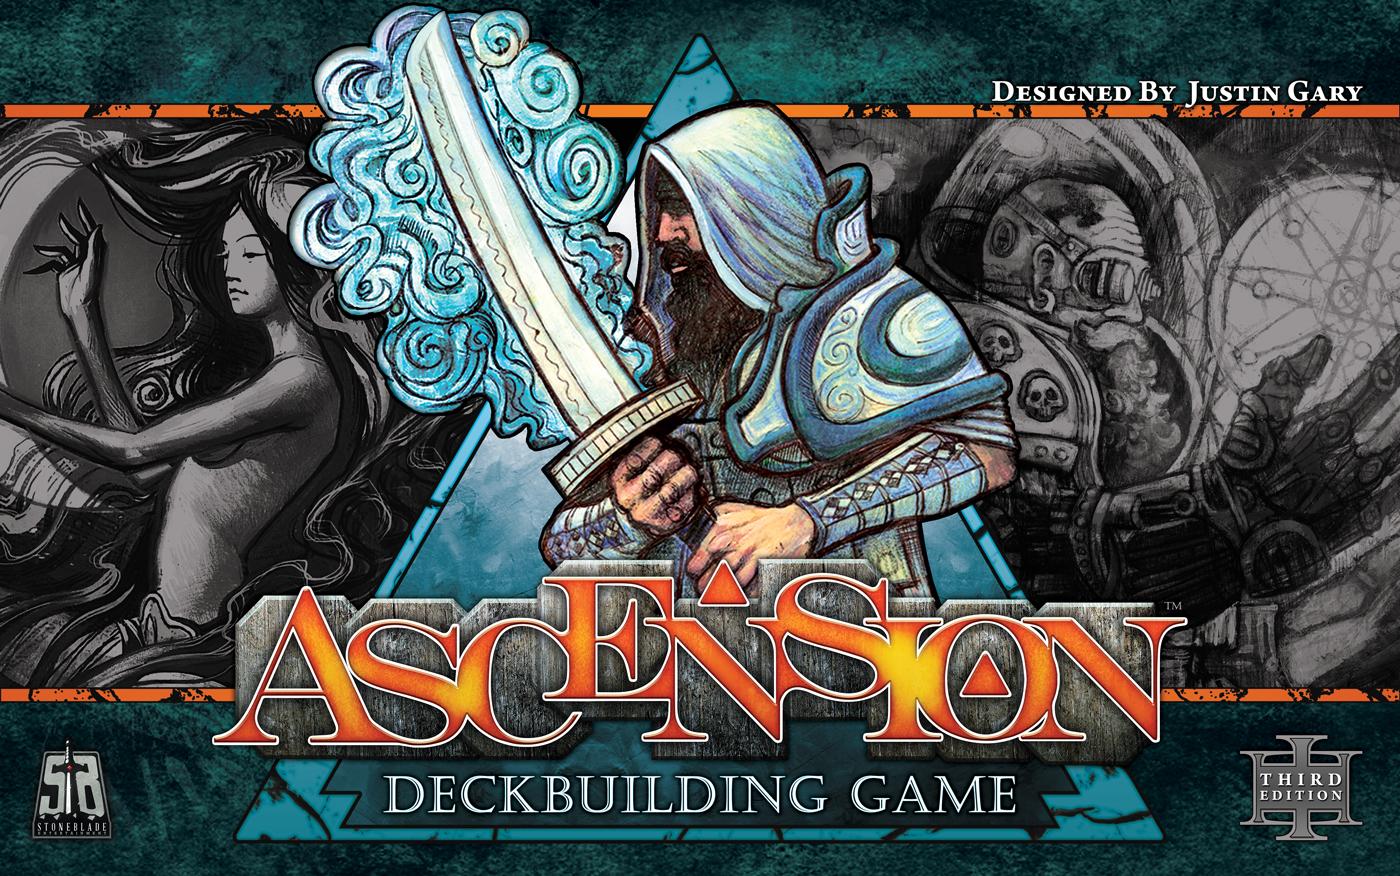 Ascension Deckbuilding Game: 3rd Edition